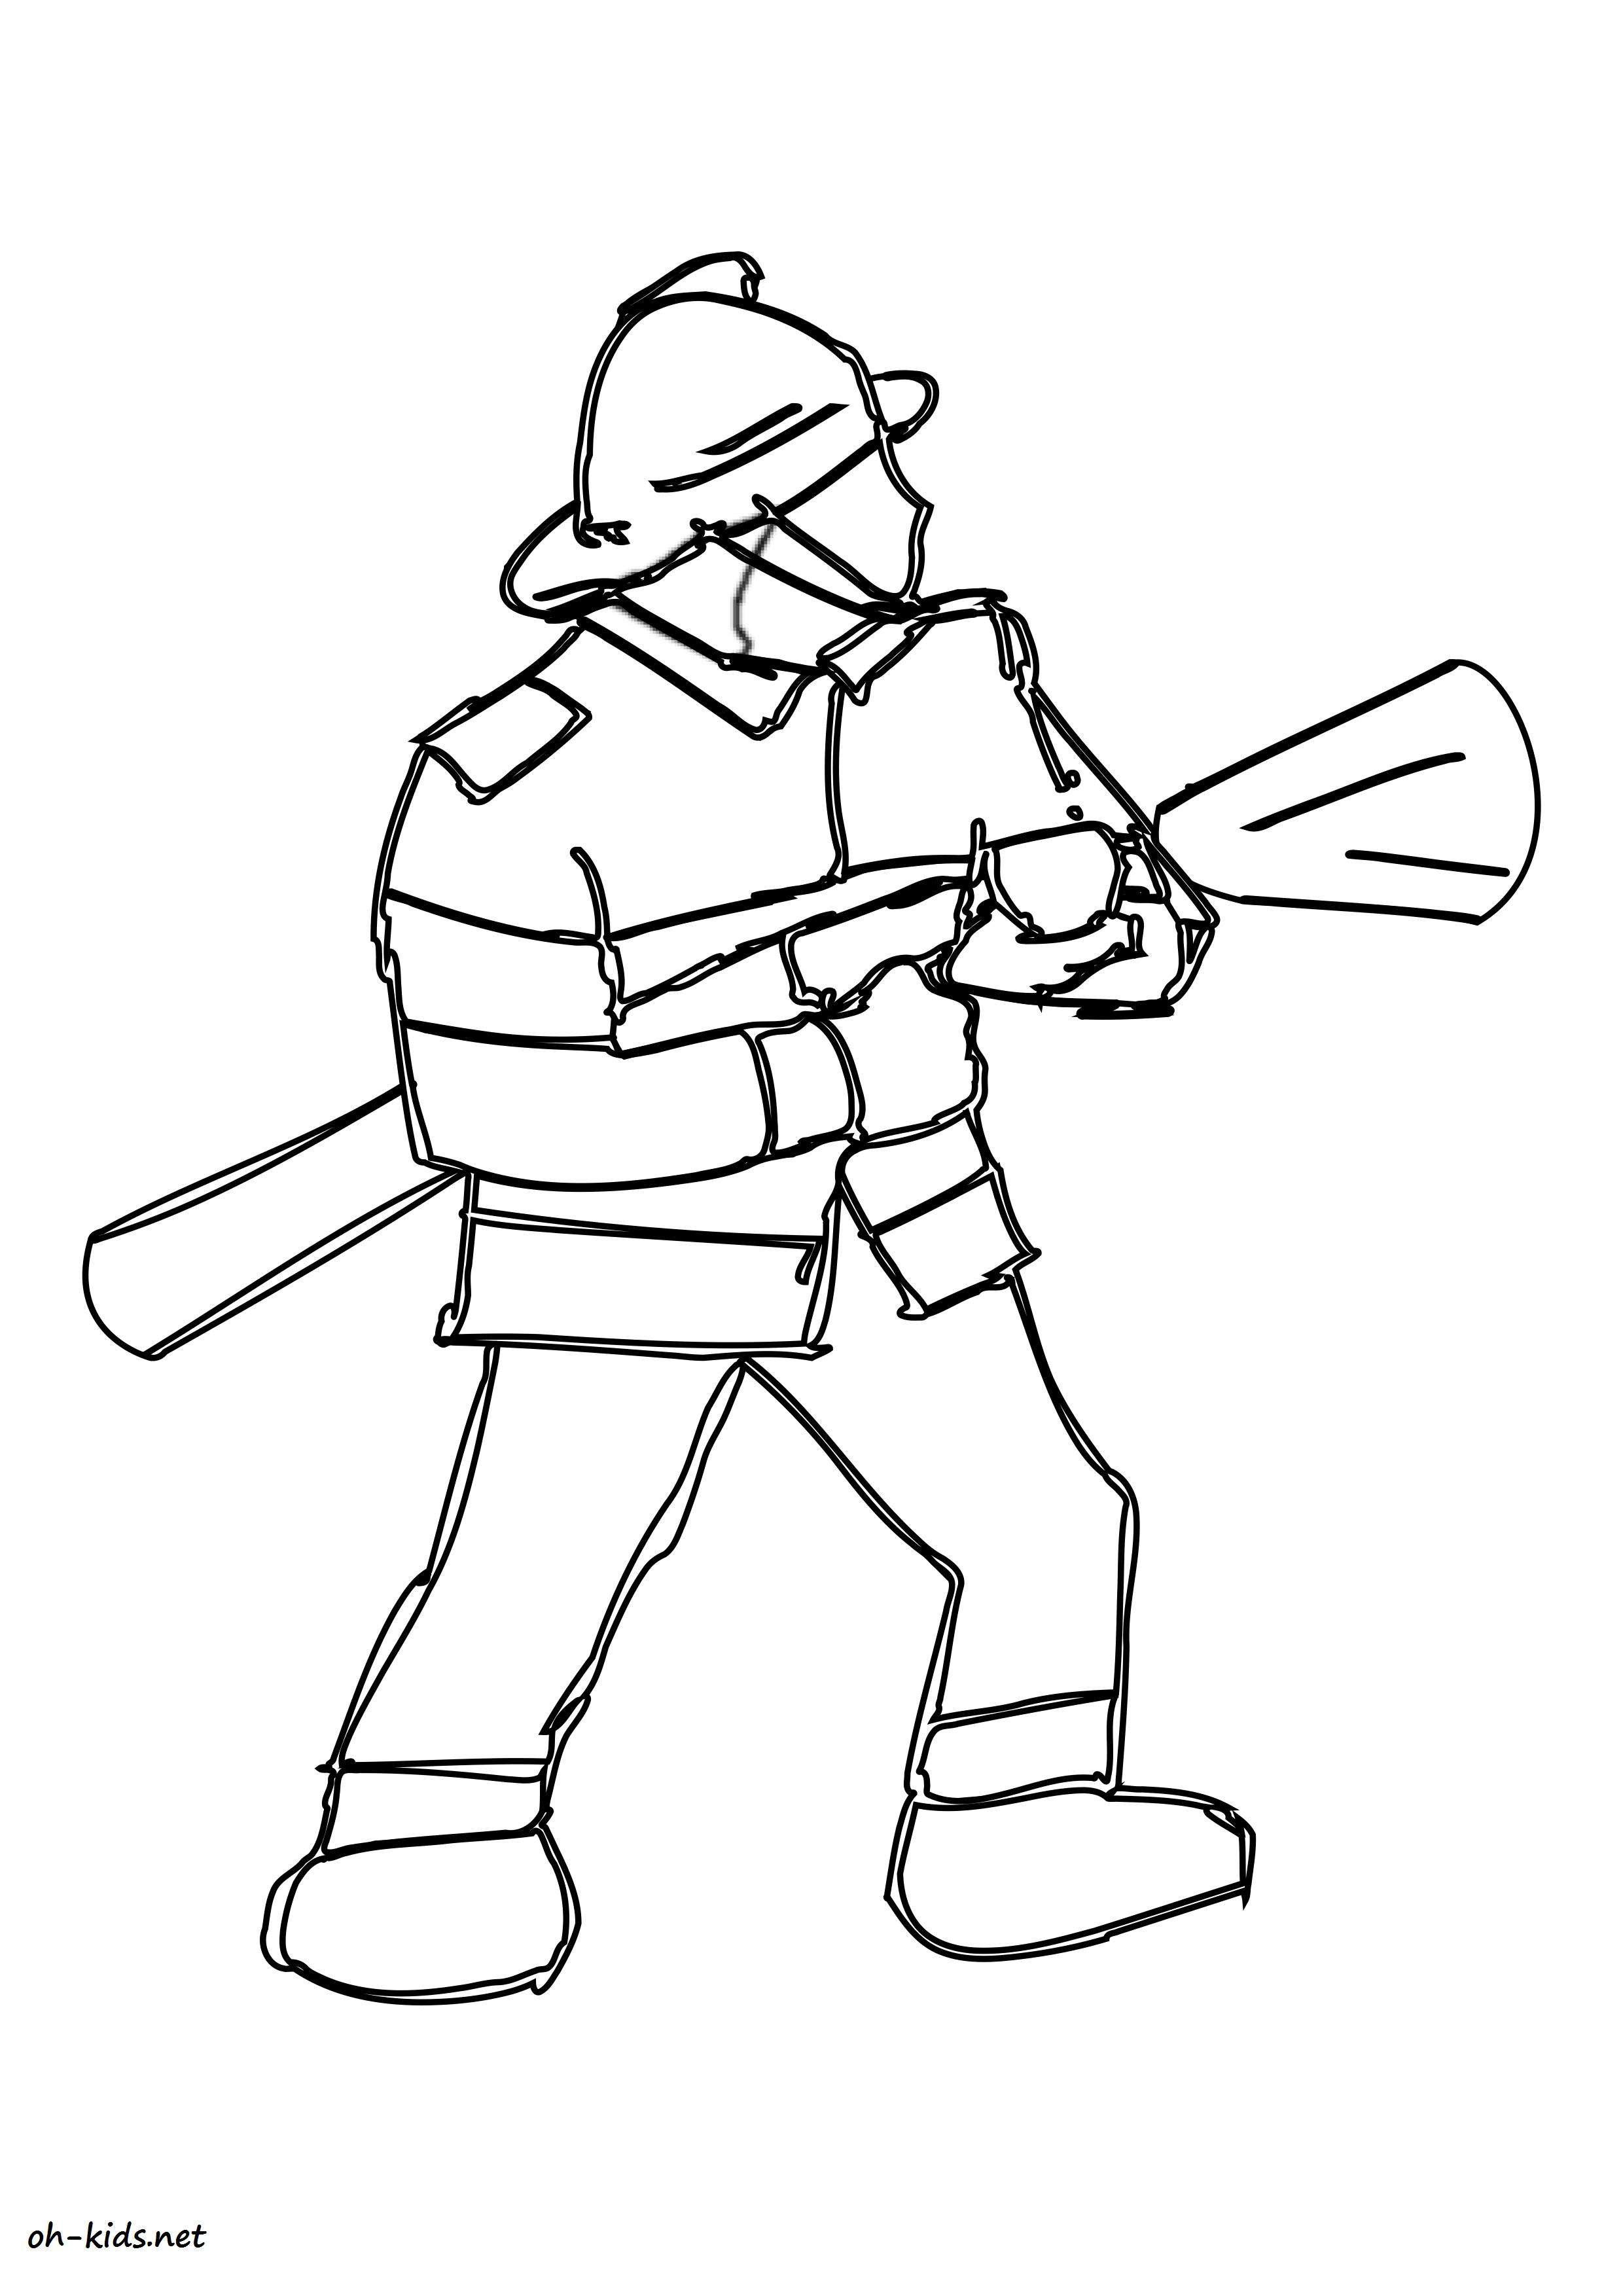 Jolie image de pompier a imprimer et colorier - Dessin #1552